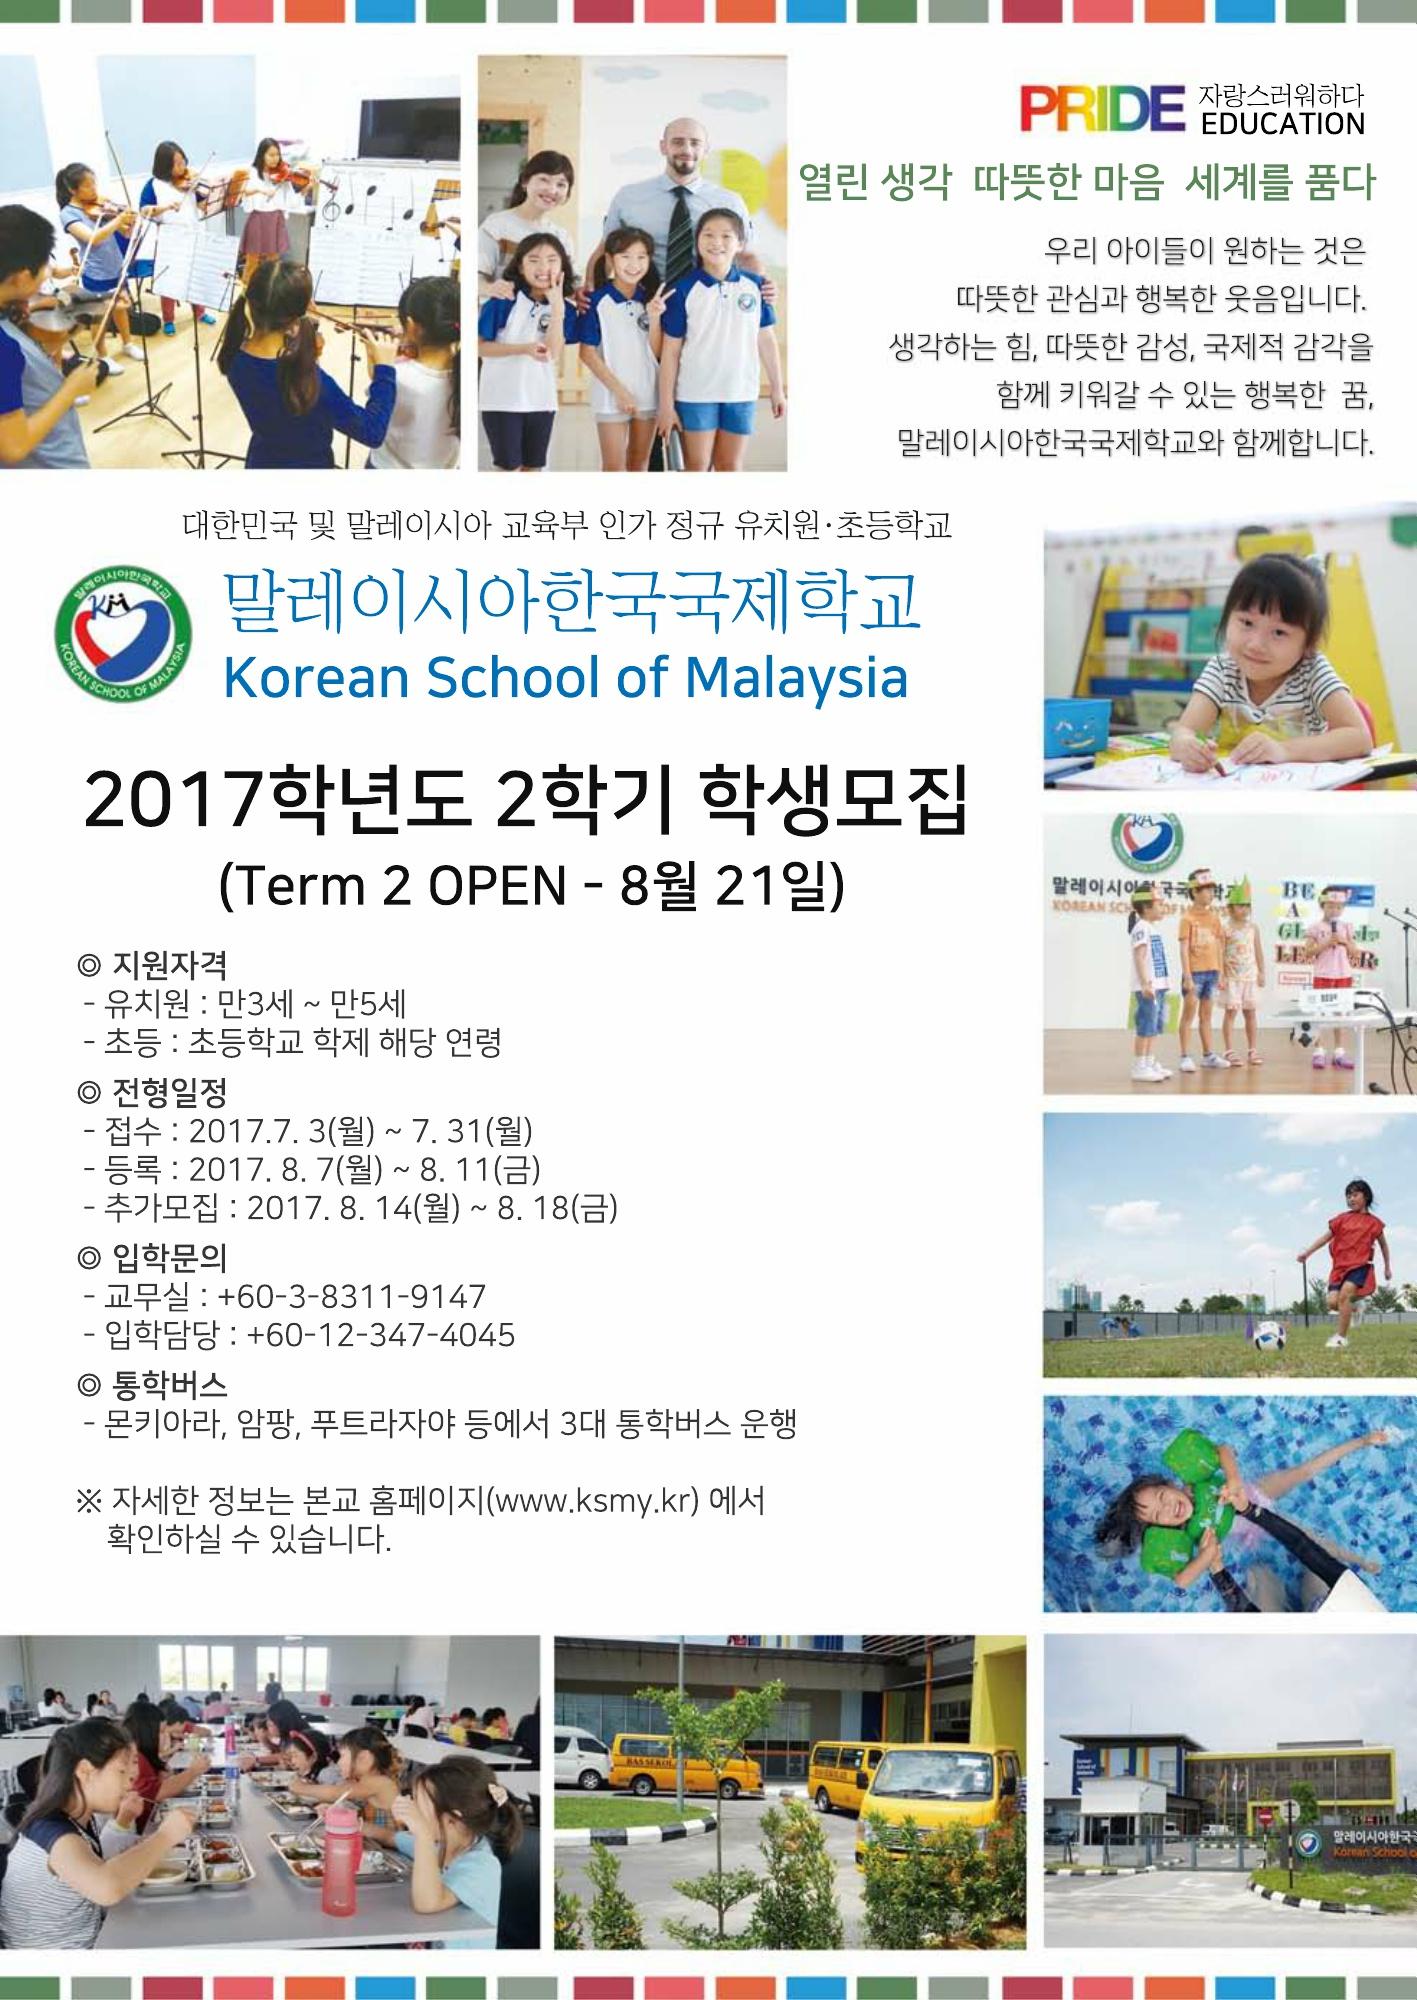 2017학년도 2학기 신입생 모집 공고.jpg